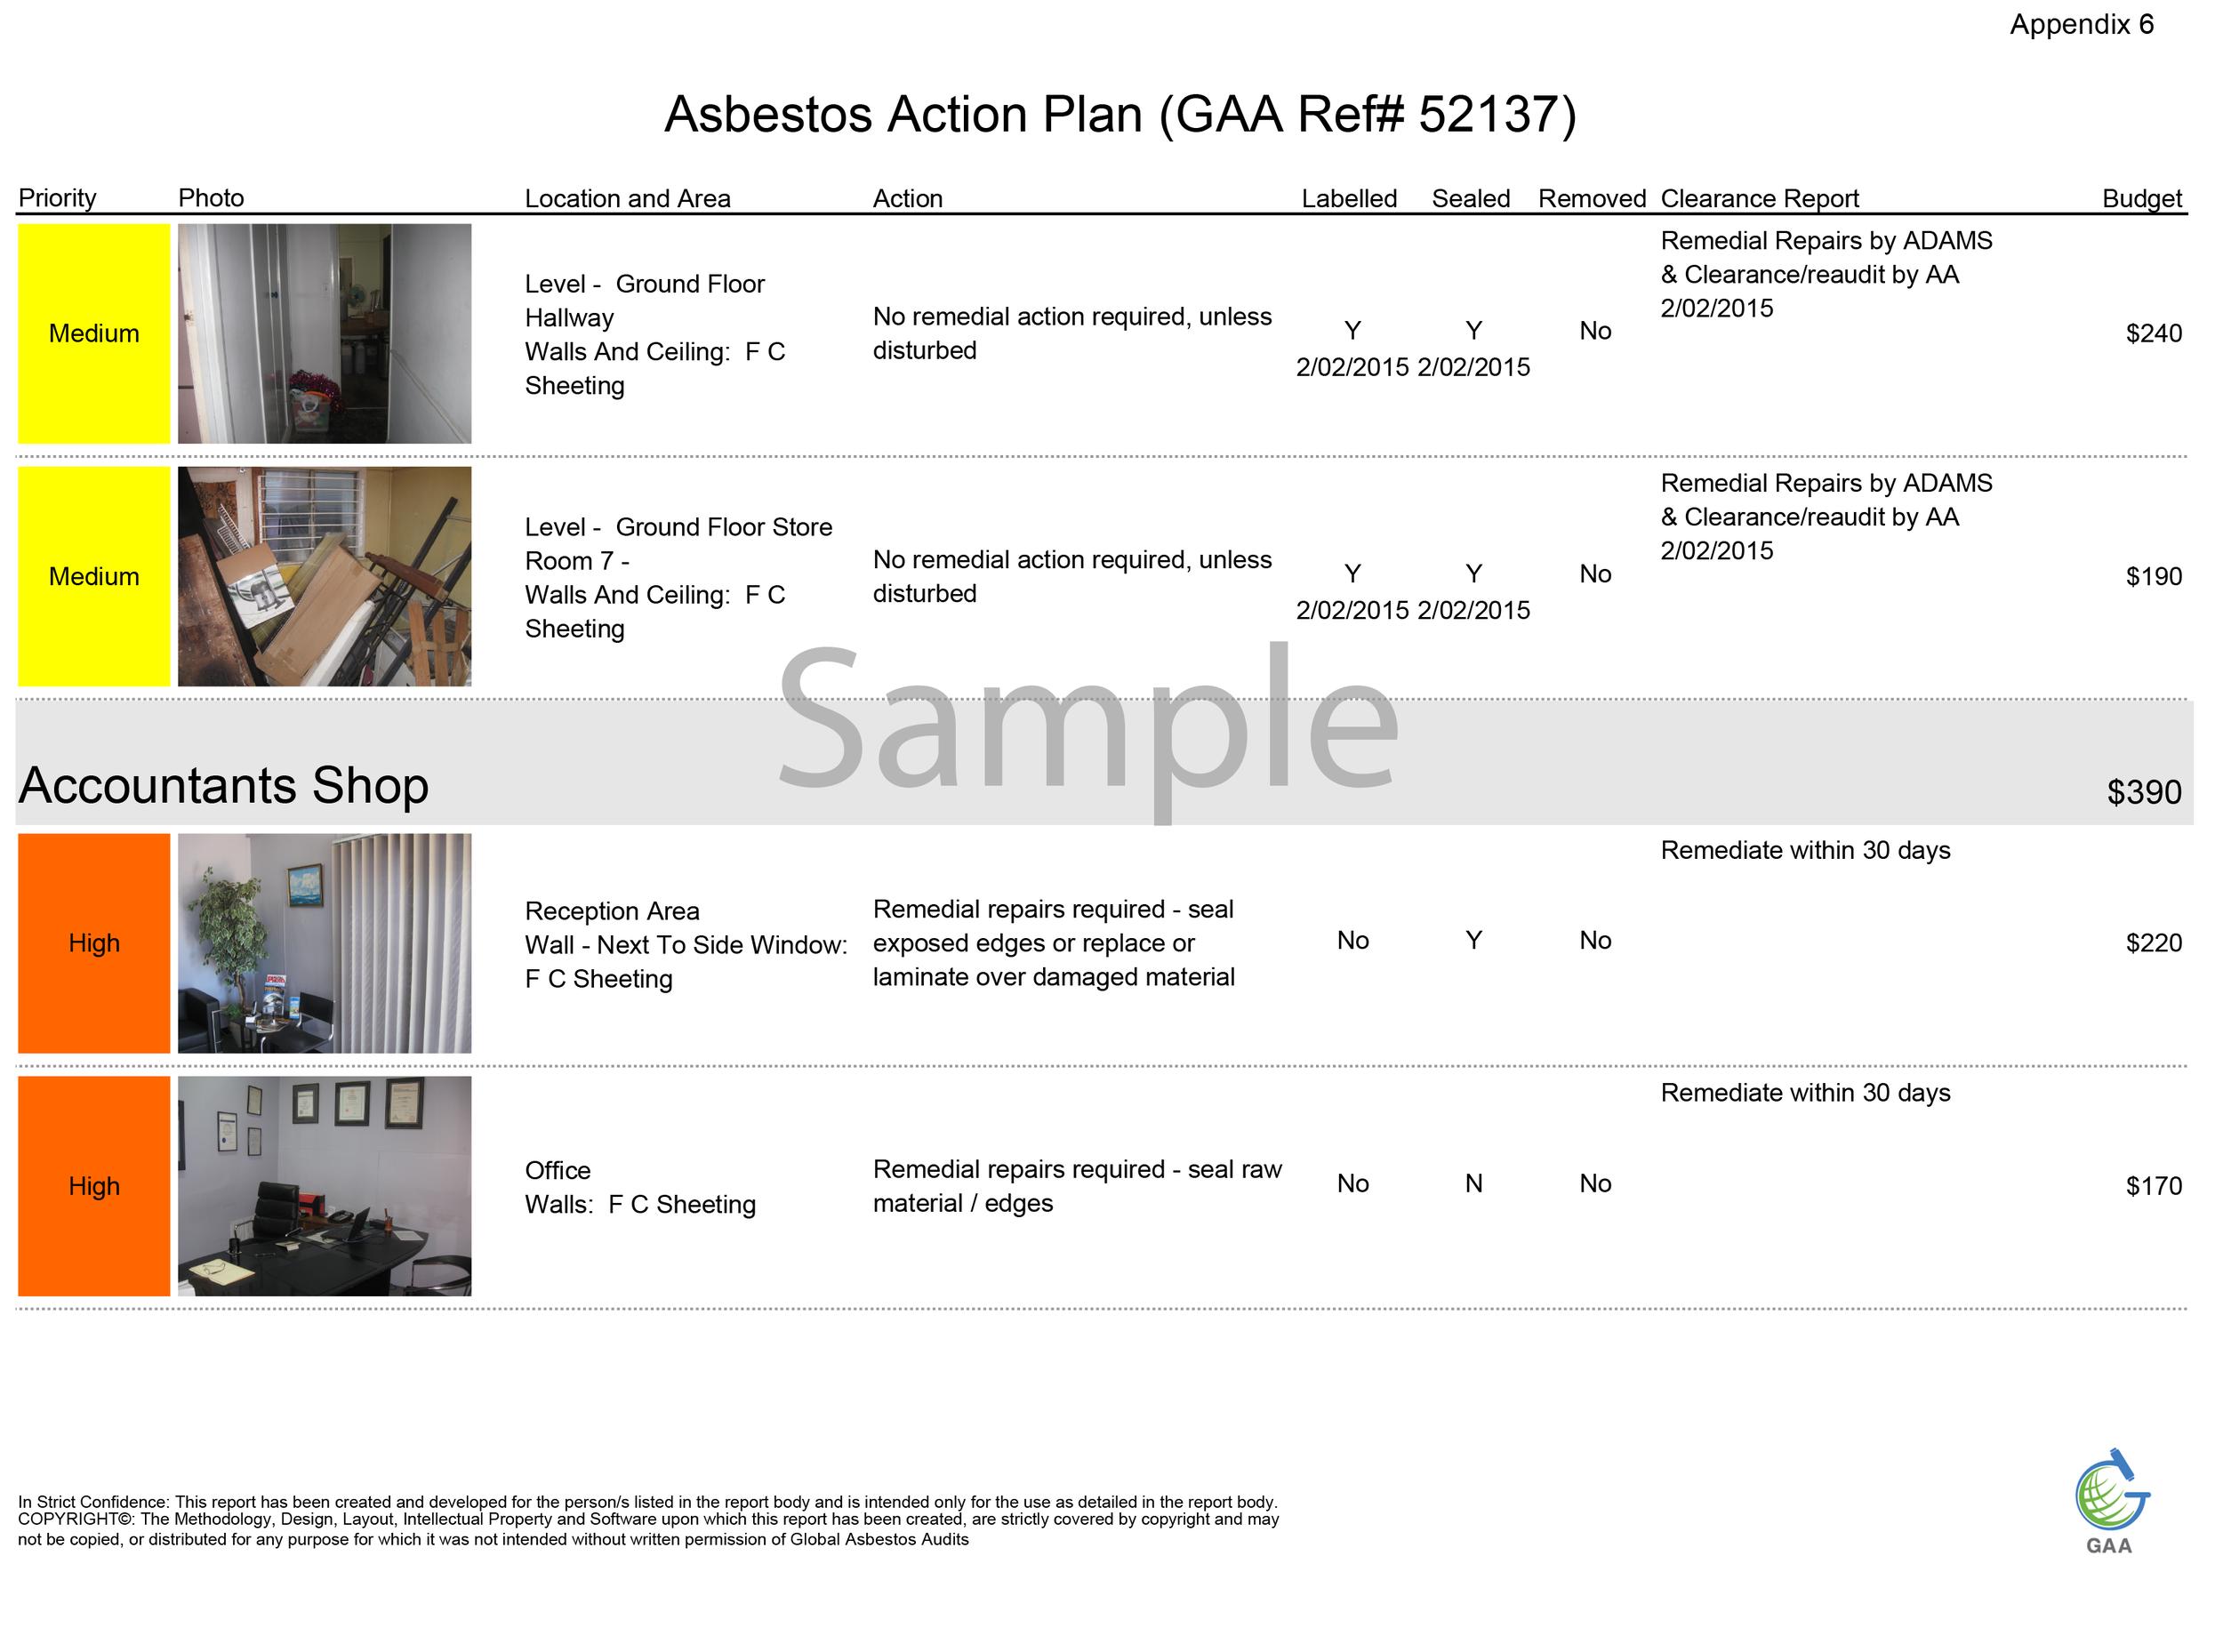 Appendix 6 Action Plan.png